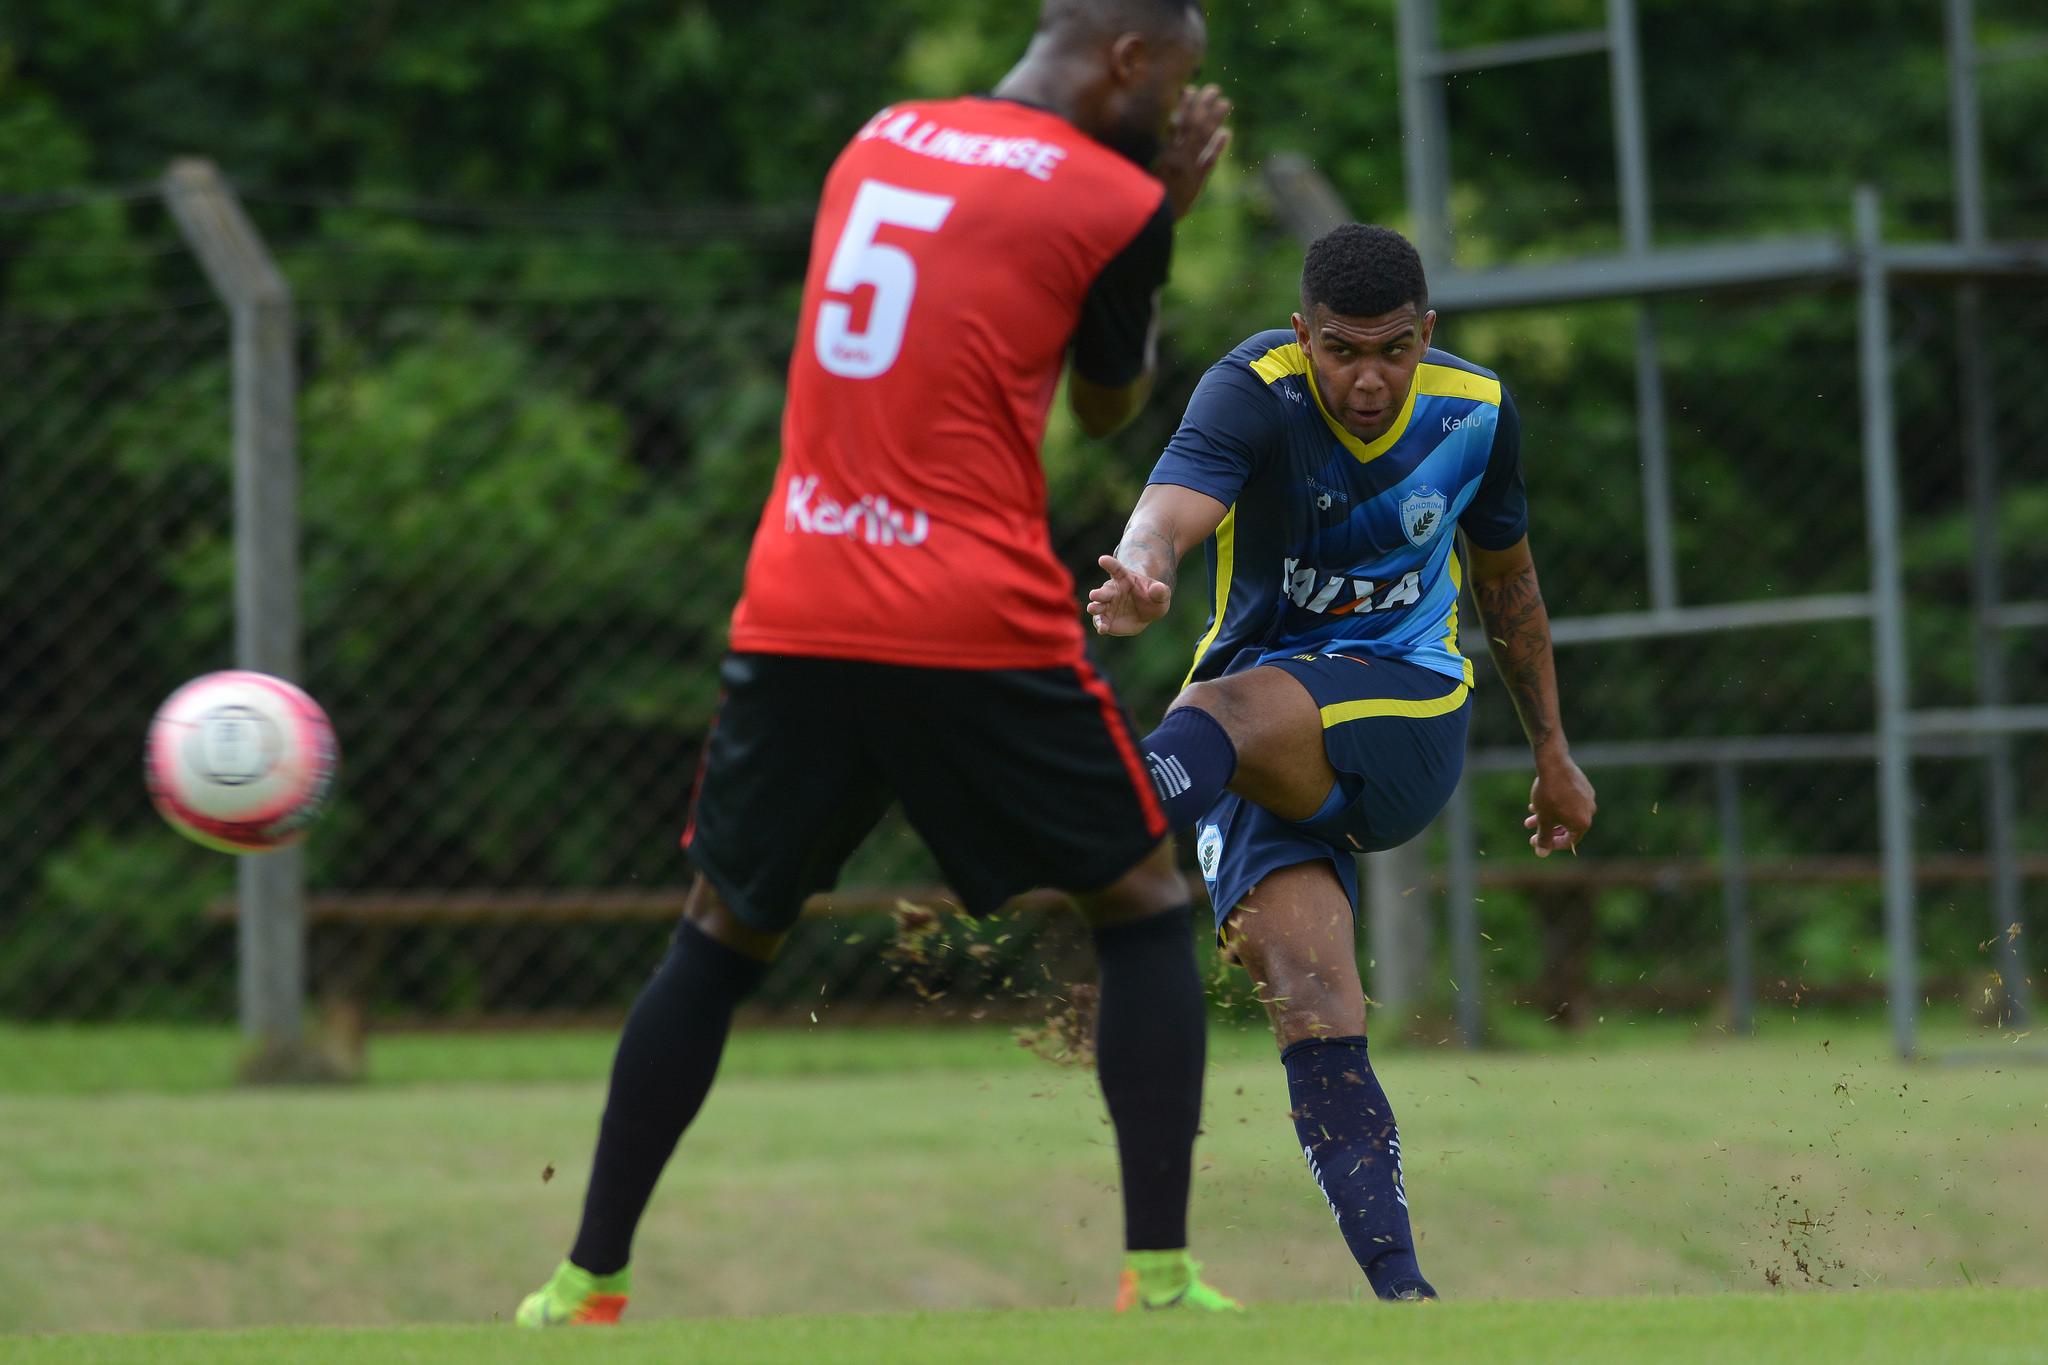 Meia Alex segue sem se reapresentar ao LEC. Foto: Gustavo Oliveira/Londrina Esporte Clube